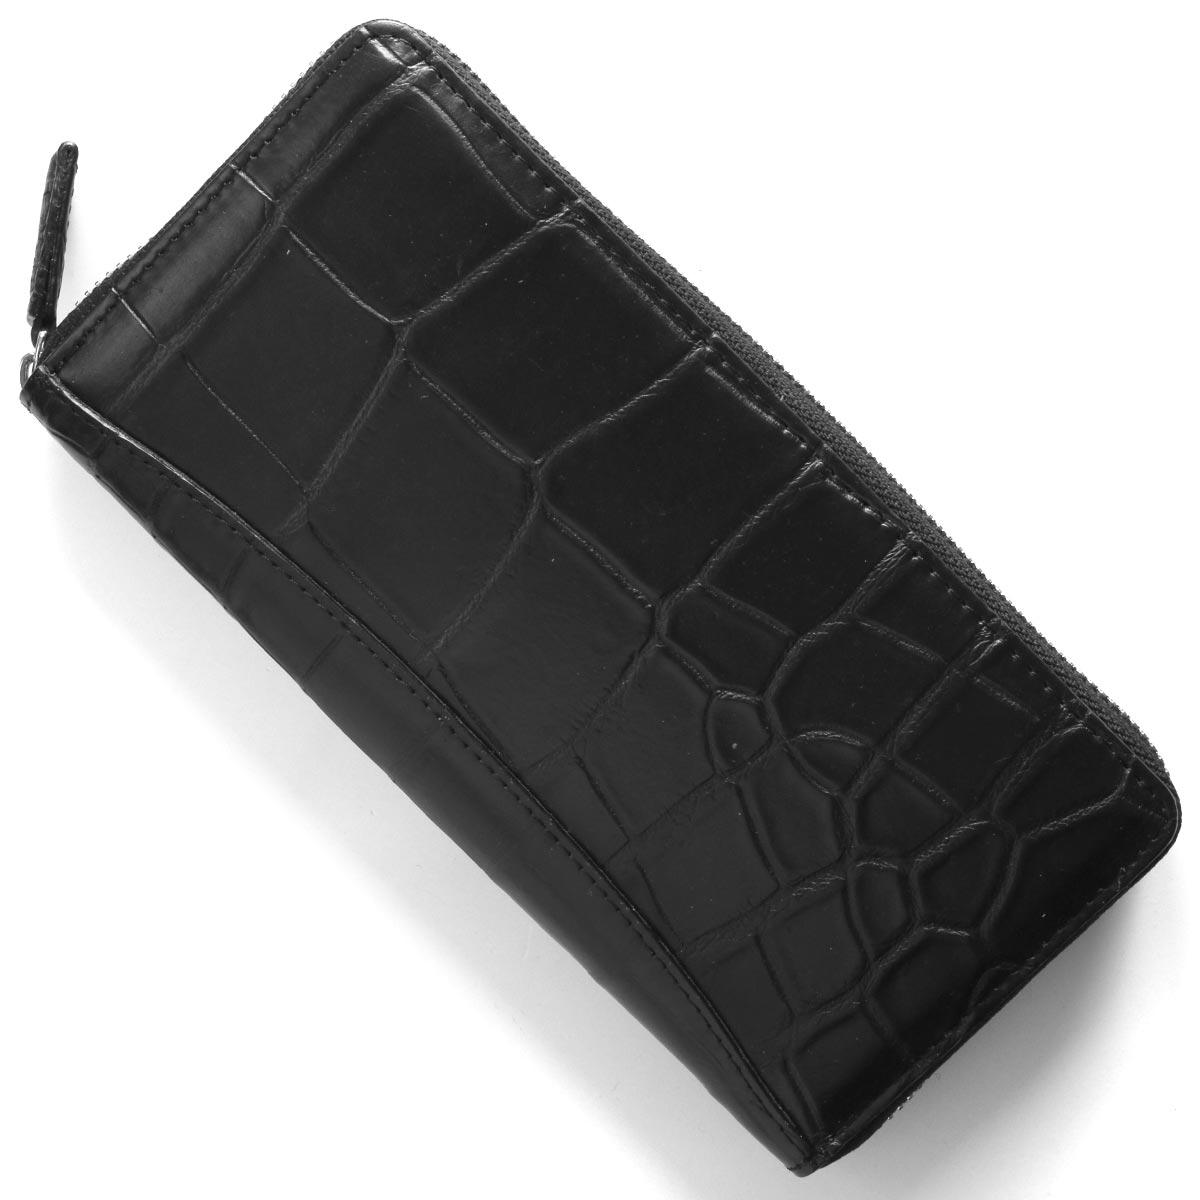 本革 長財布 財布 メンズ レディース クロコ ブラック CRS002P BLK Leather